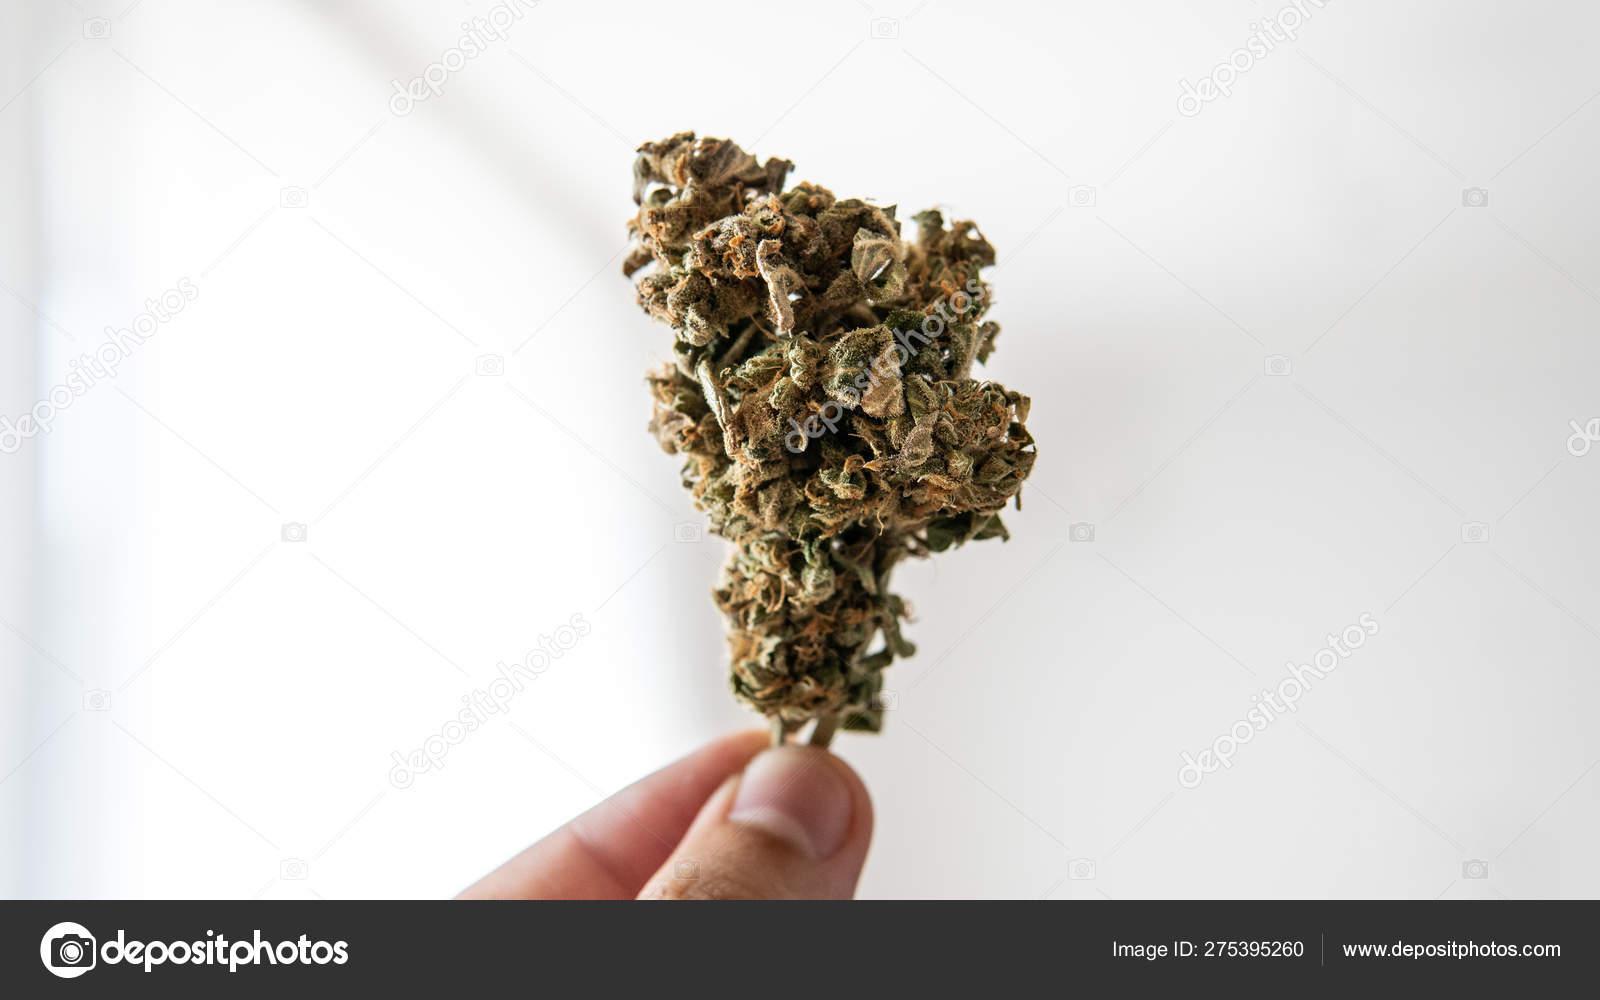 Потенция от курения марихуаны новинки о марихуане